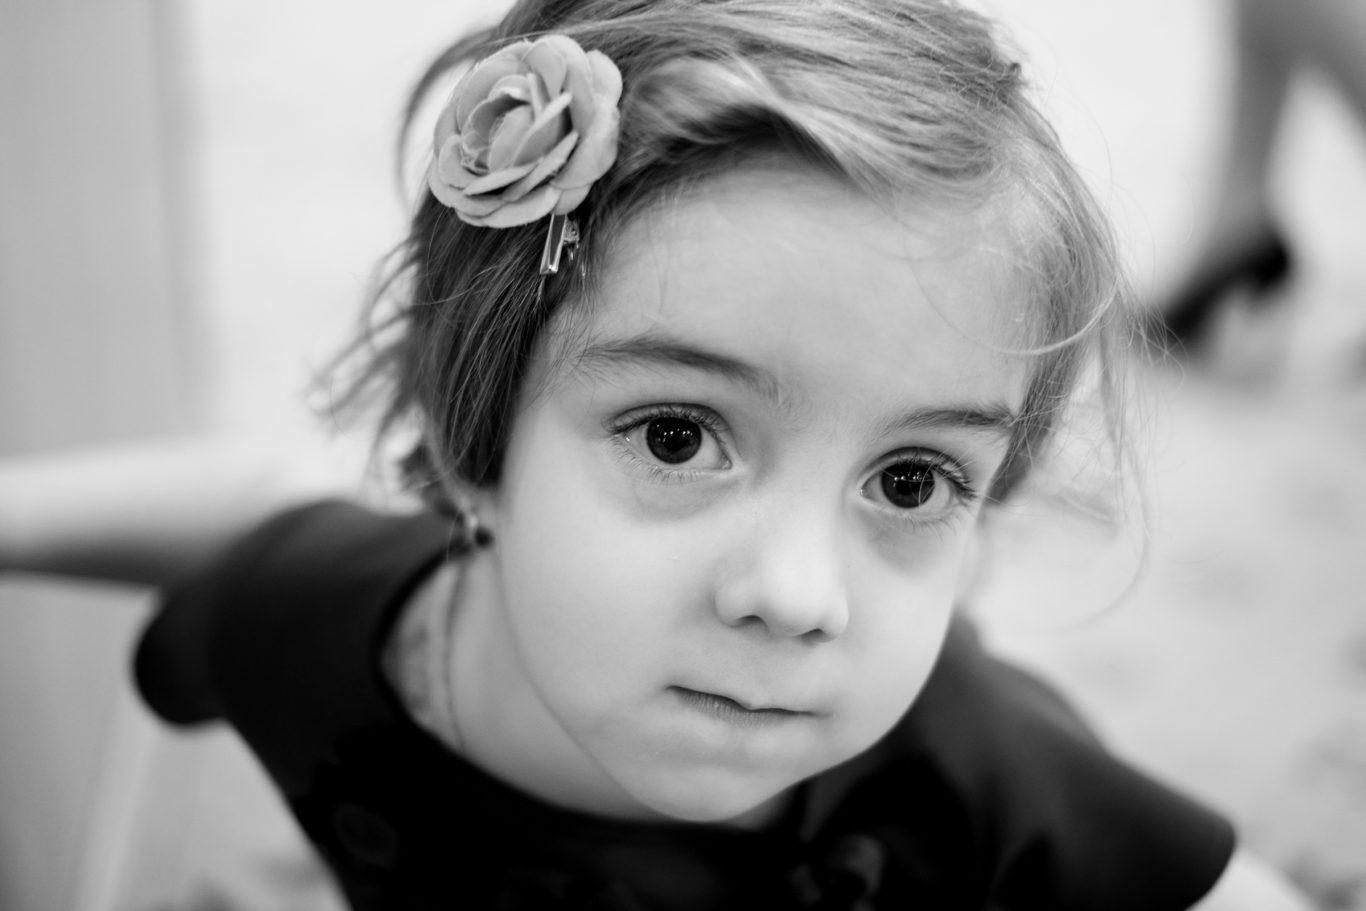 0155-Fotografie-botez-Ava-fotograf-Ciprian-Dumitrescu-DSCF4210